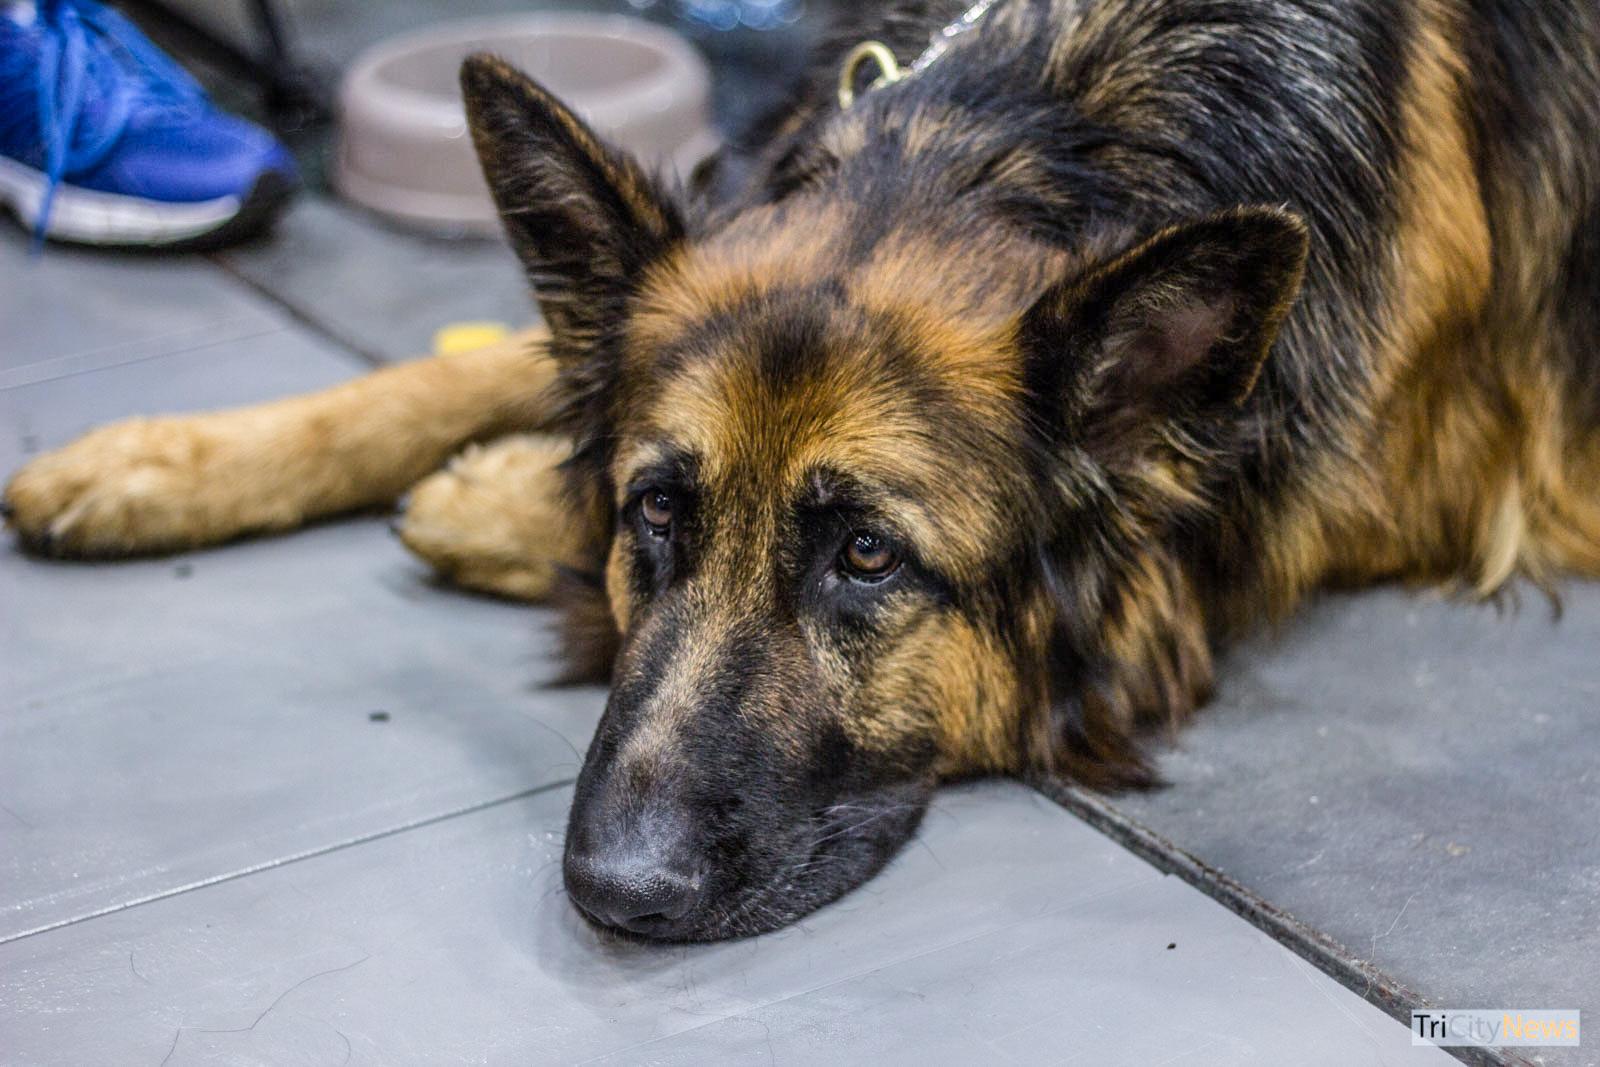 German Shepherd at Dog Show, photo: Jakub Wozniak/Tricity News